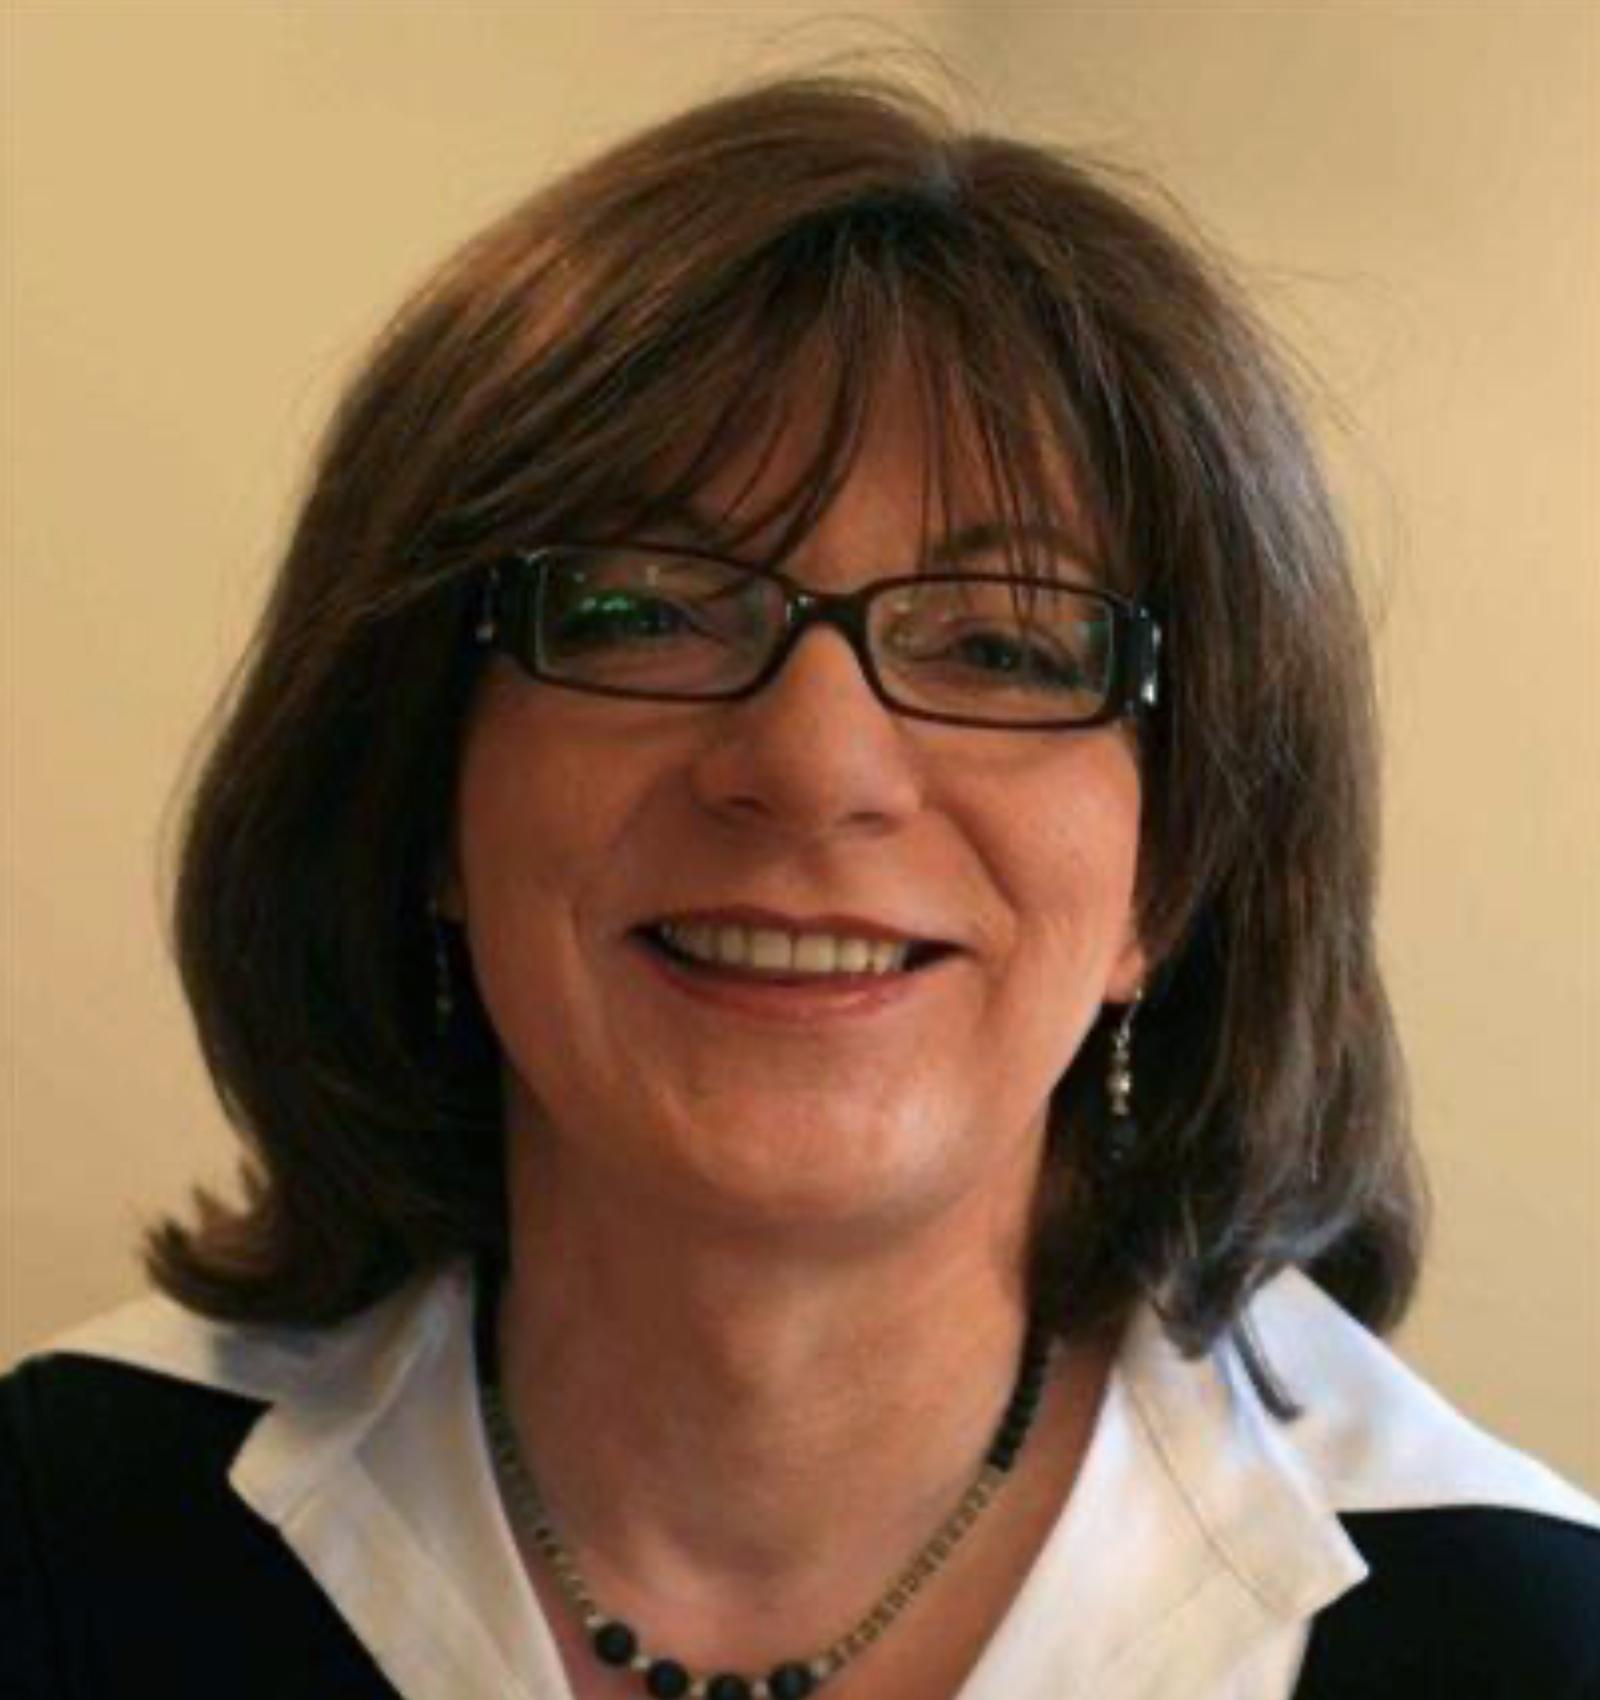 Annette Güldenring